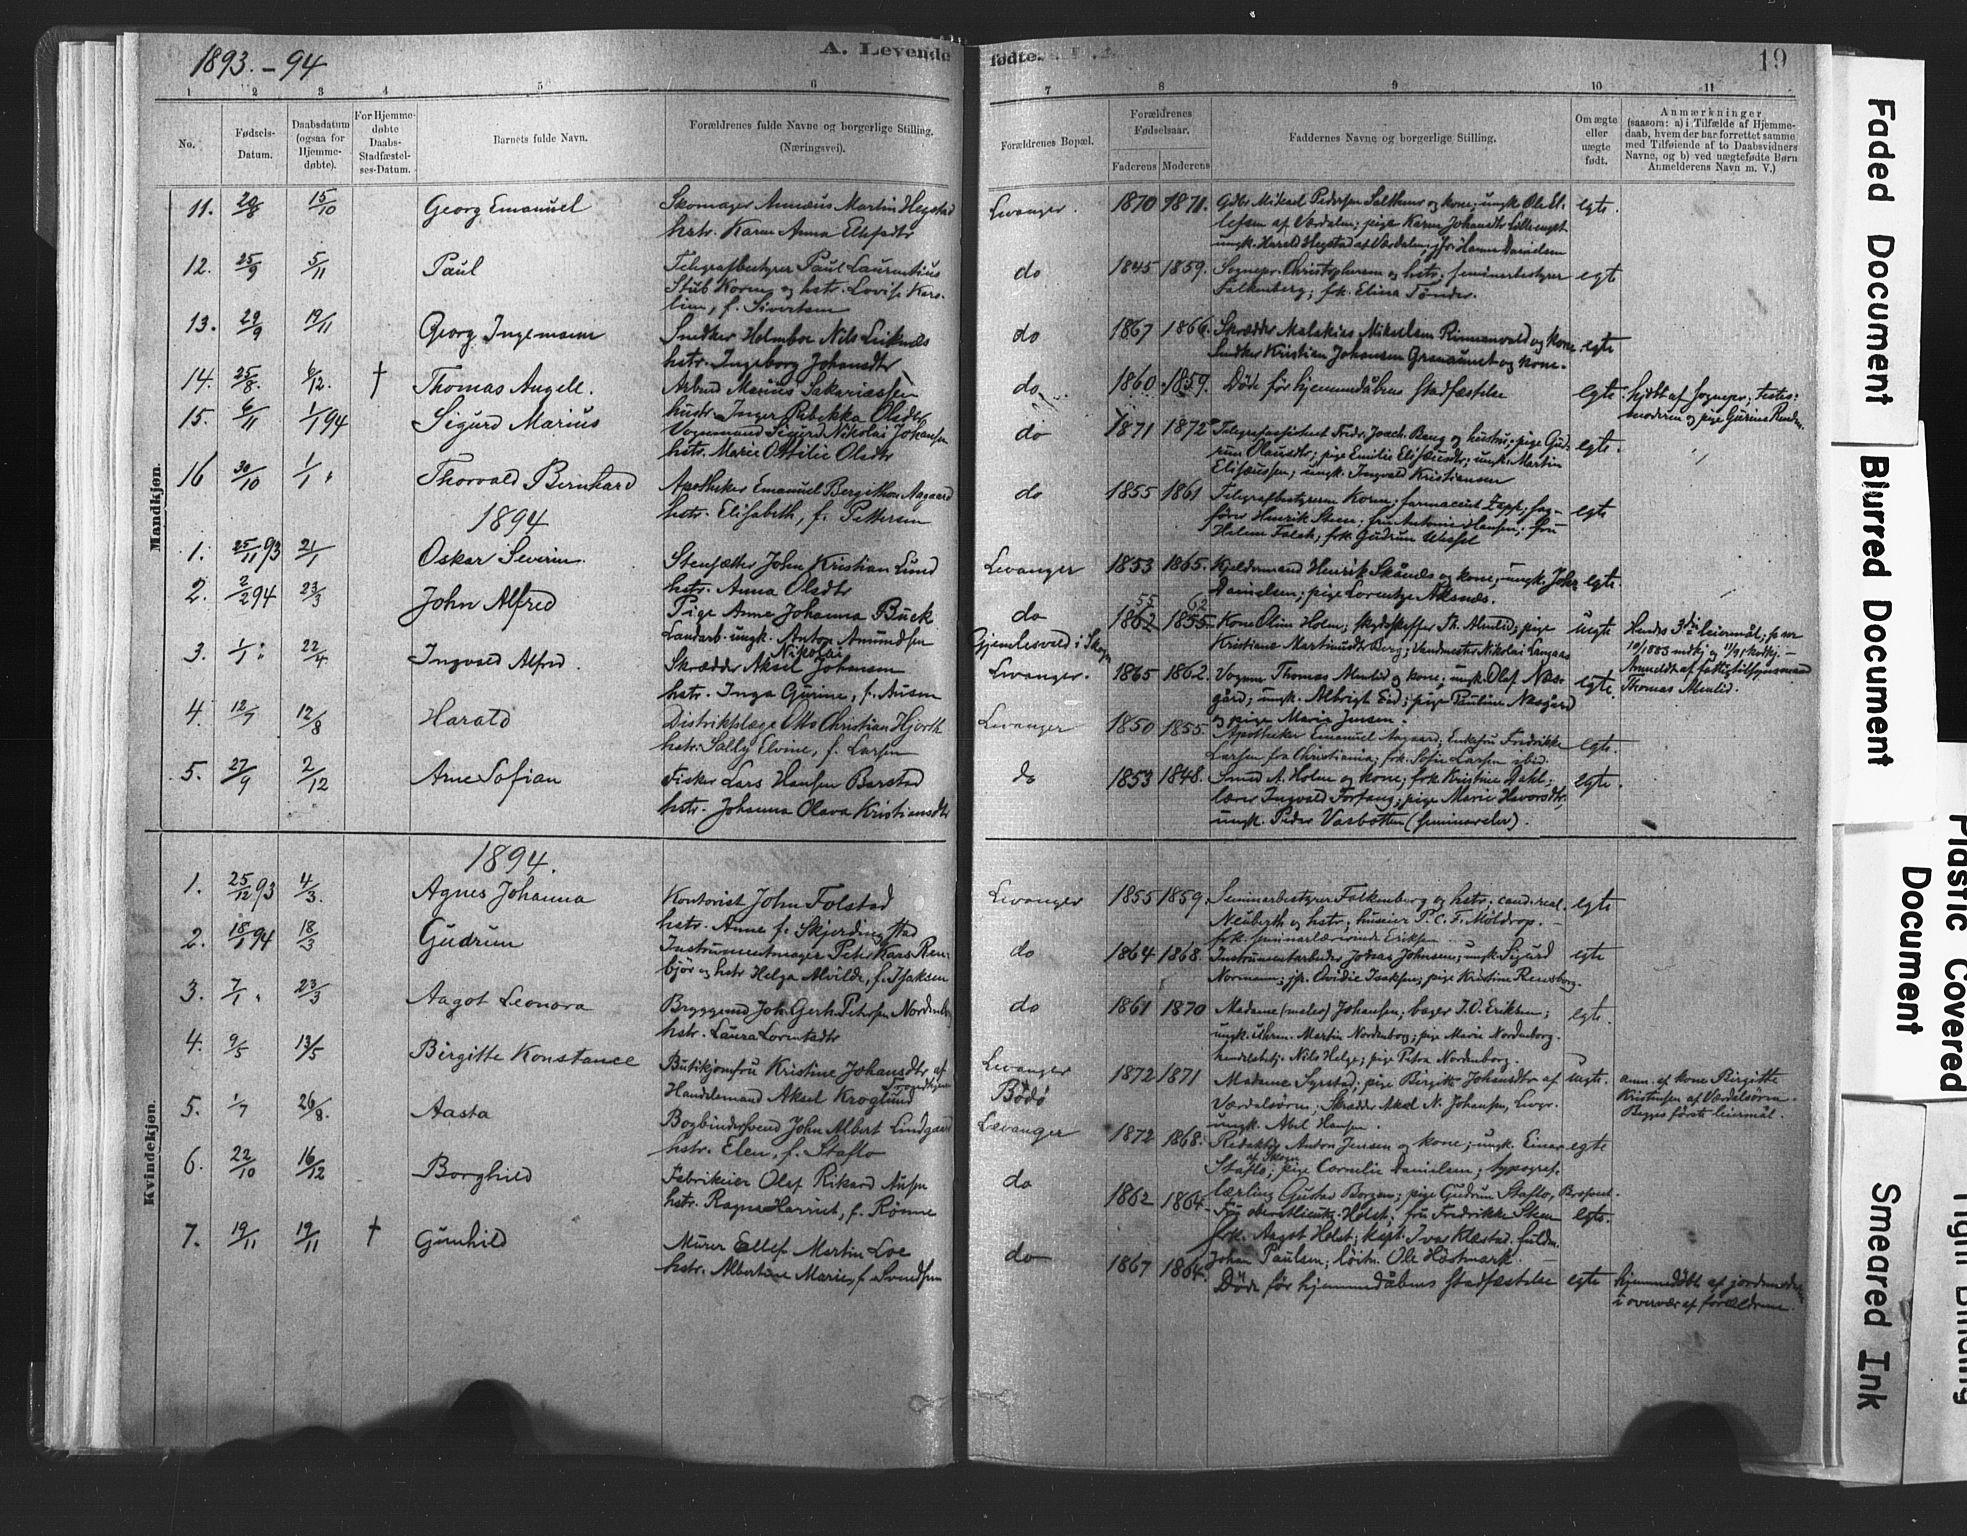 SAT, Ministerialprotokoller, klokkerbøker og fødselsregistre - Nord-Trøndelag, 720/L0189: Ministerialbok nr. 720A05, 1880-1911, s. 19